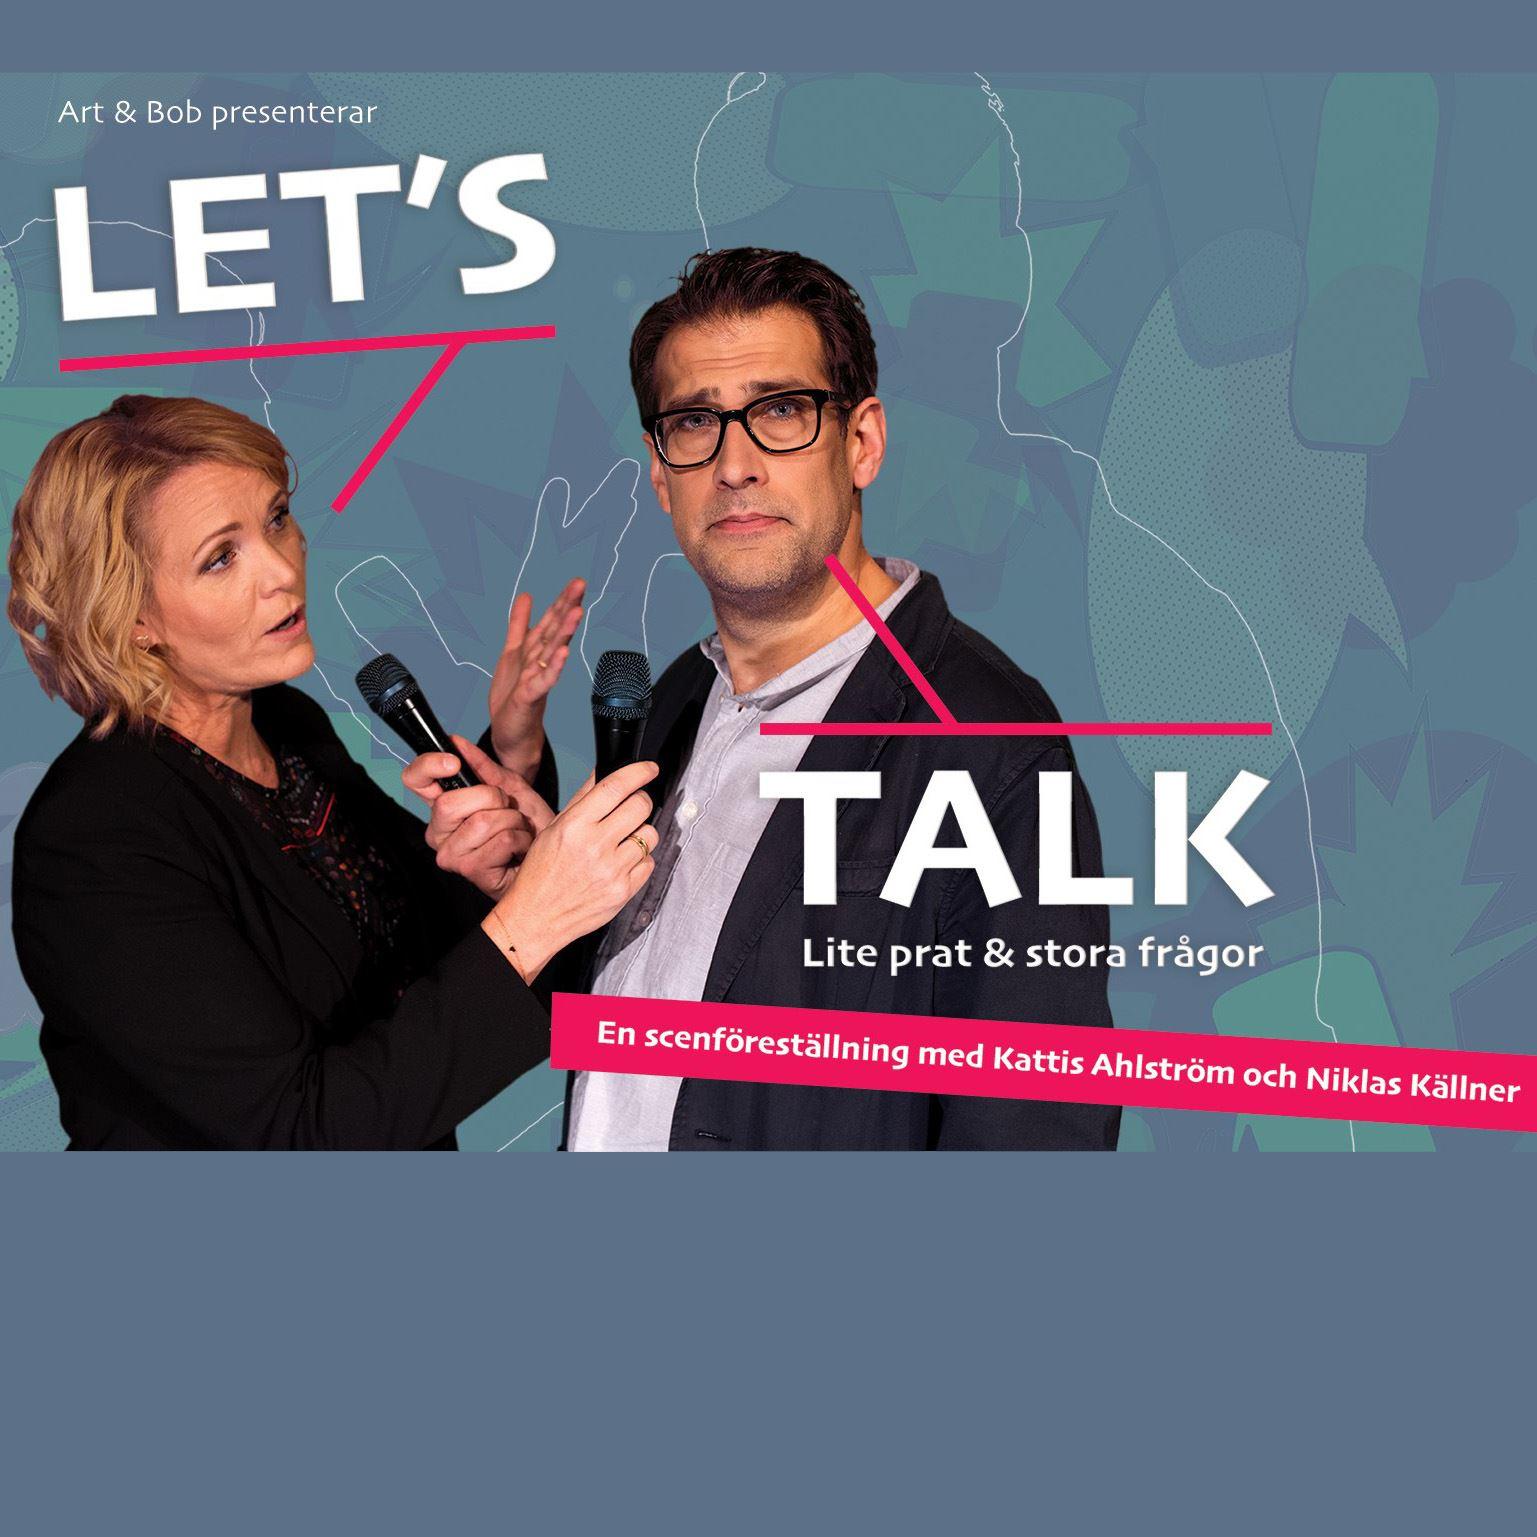 Let´s talk - Kattis Ahlström & Niklas Källner